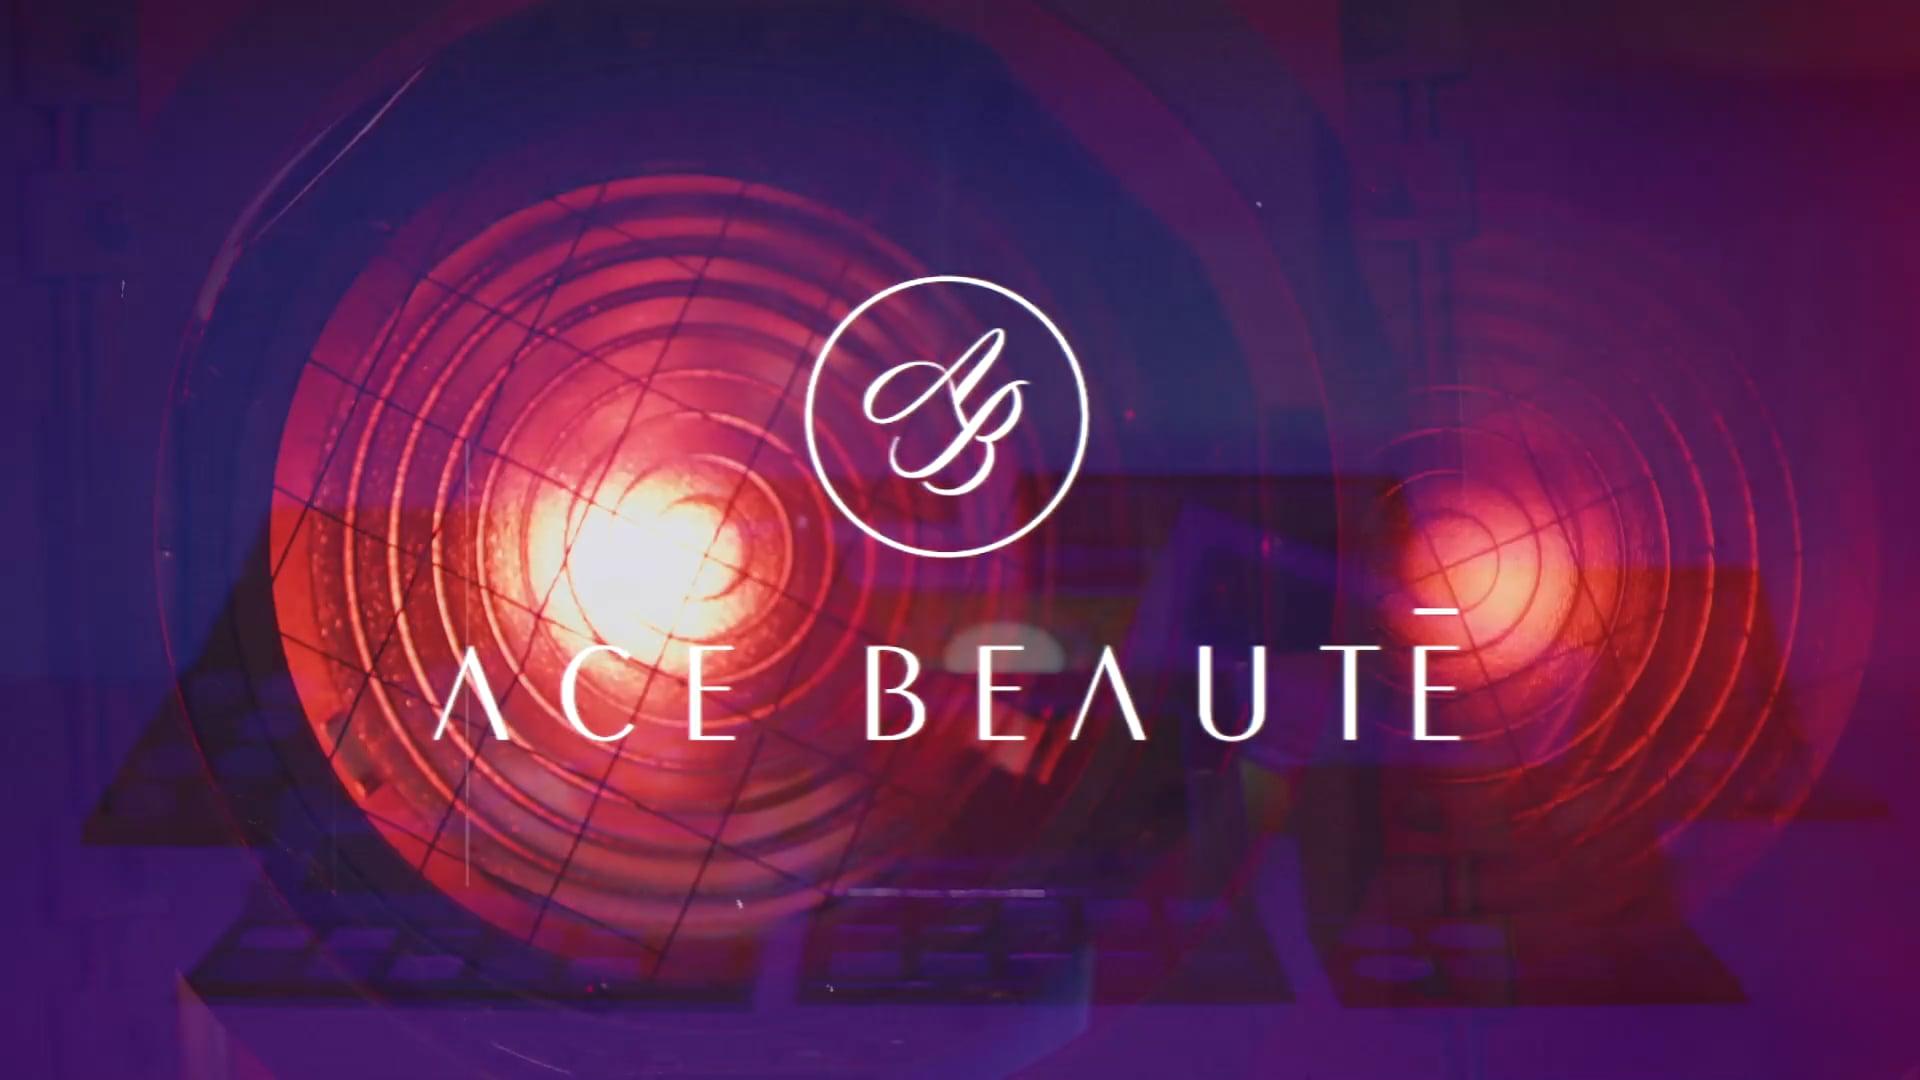 Ace Beaute - Palettes